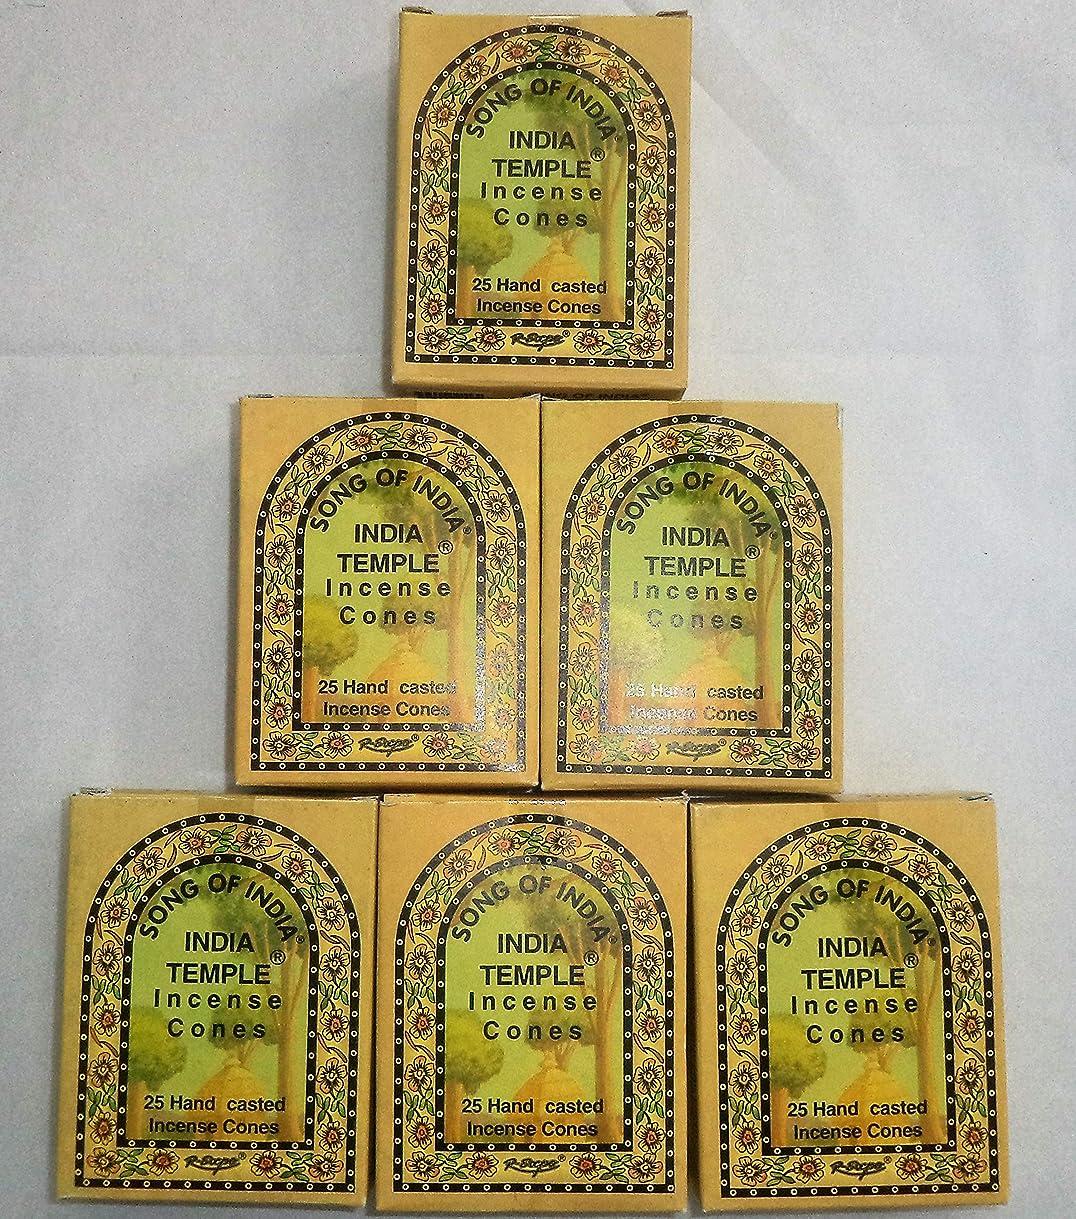 抑止するショッピングセンター認識Song of India Temple Cone Incense, 6 x 25 Cone Pack, 150 Cones Total